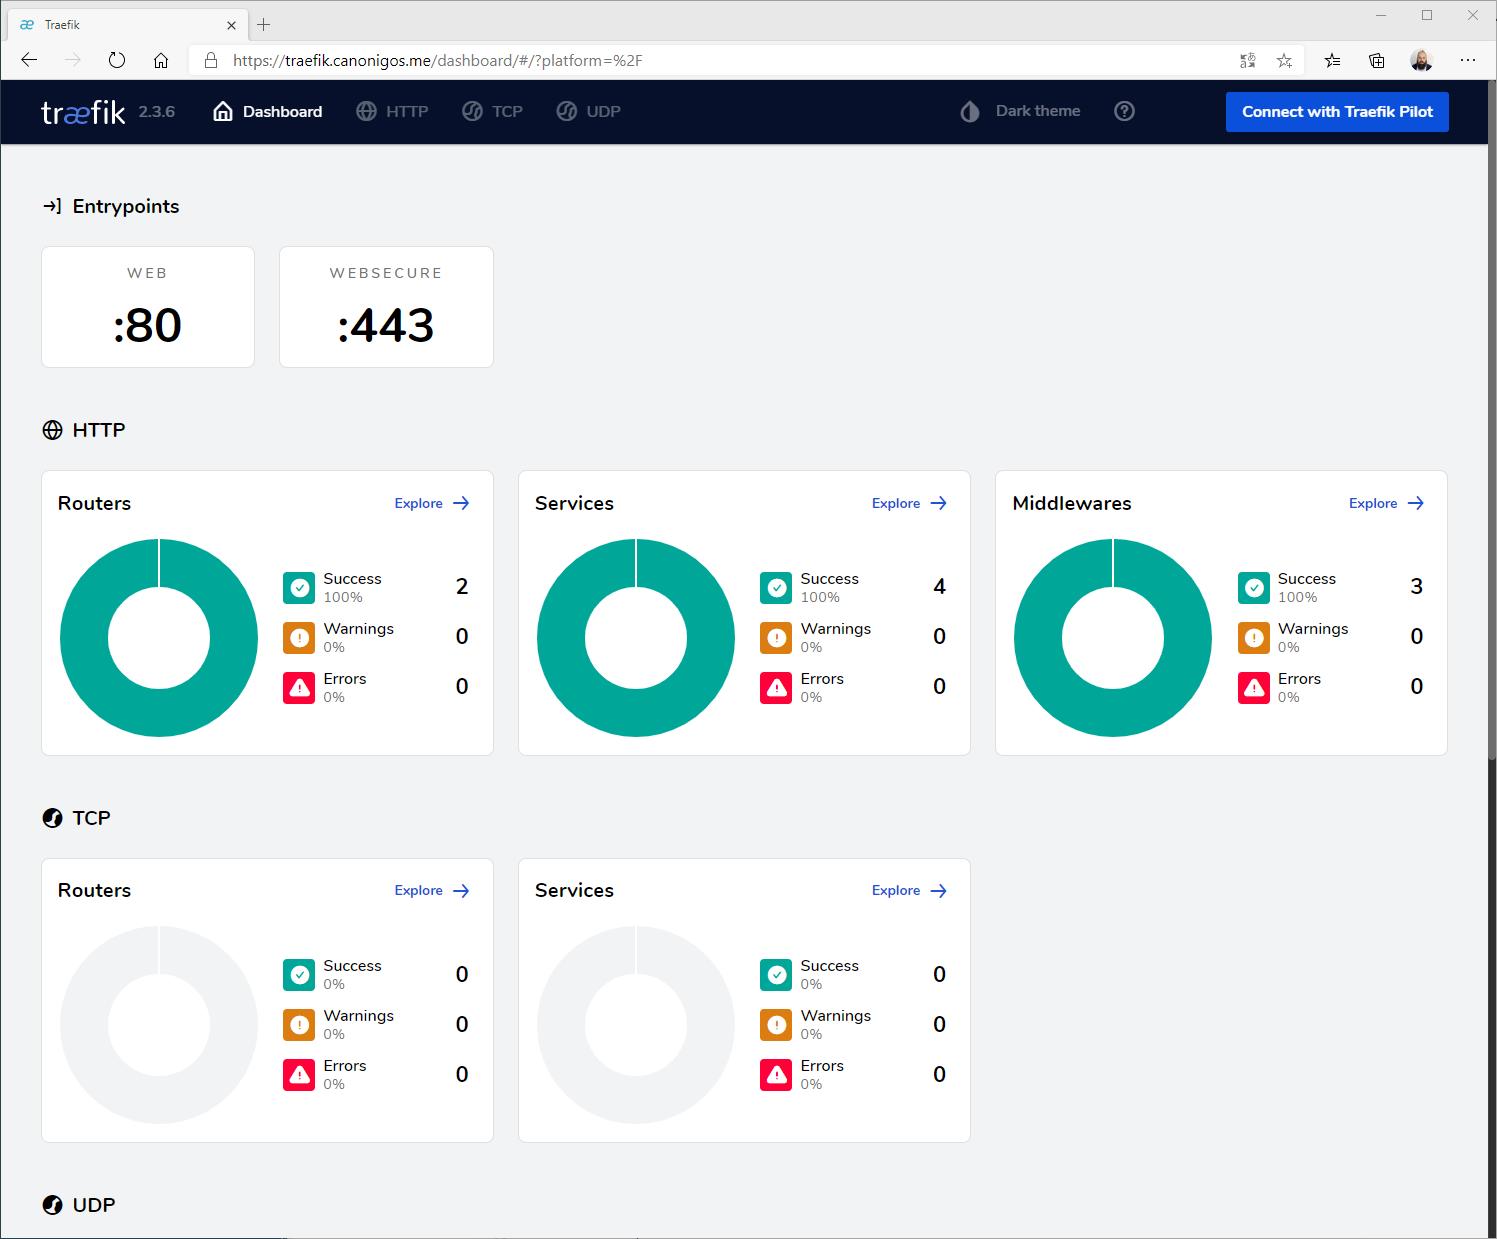 Traefik: Qué es, cómo configurarlo y ponerlo en marcha